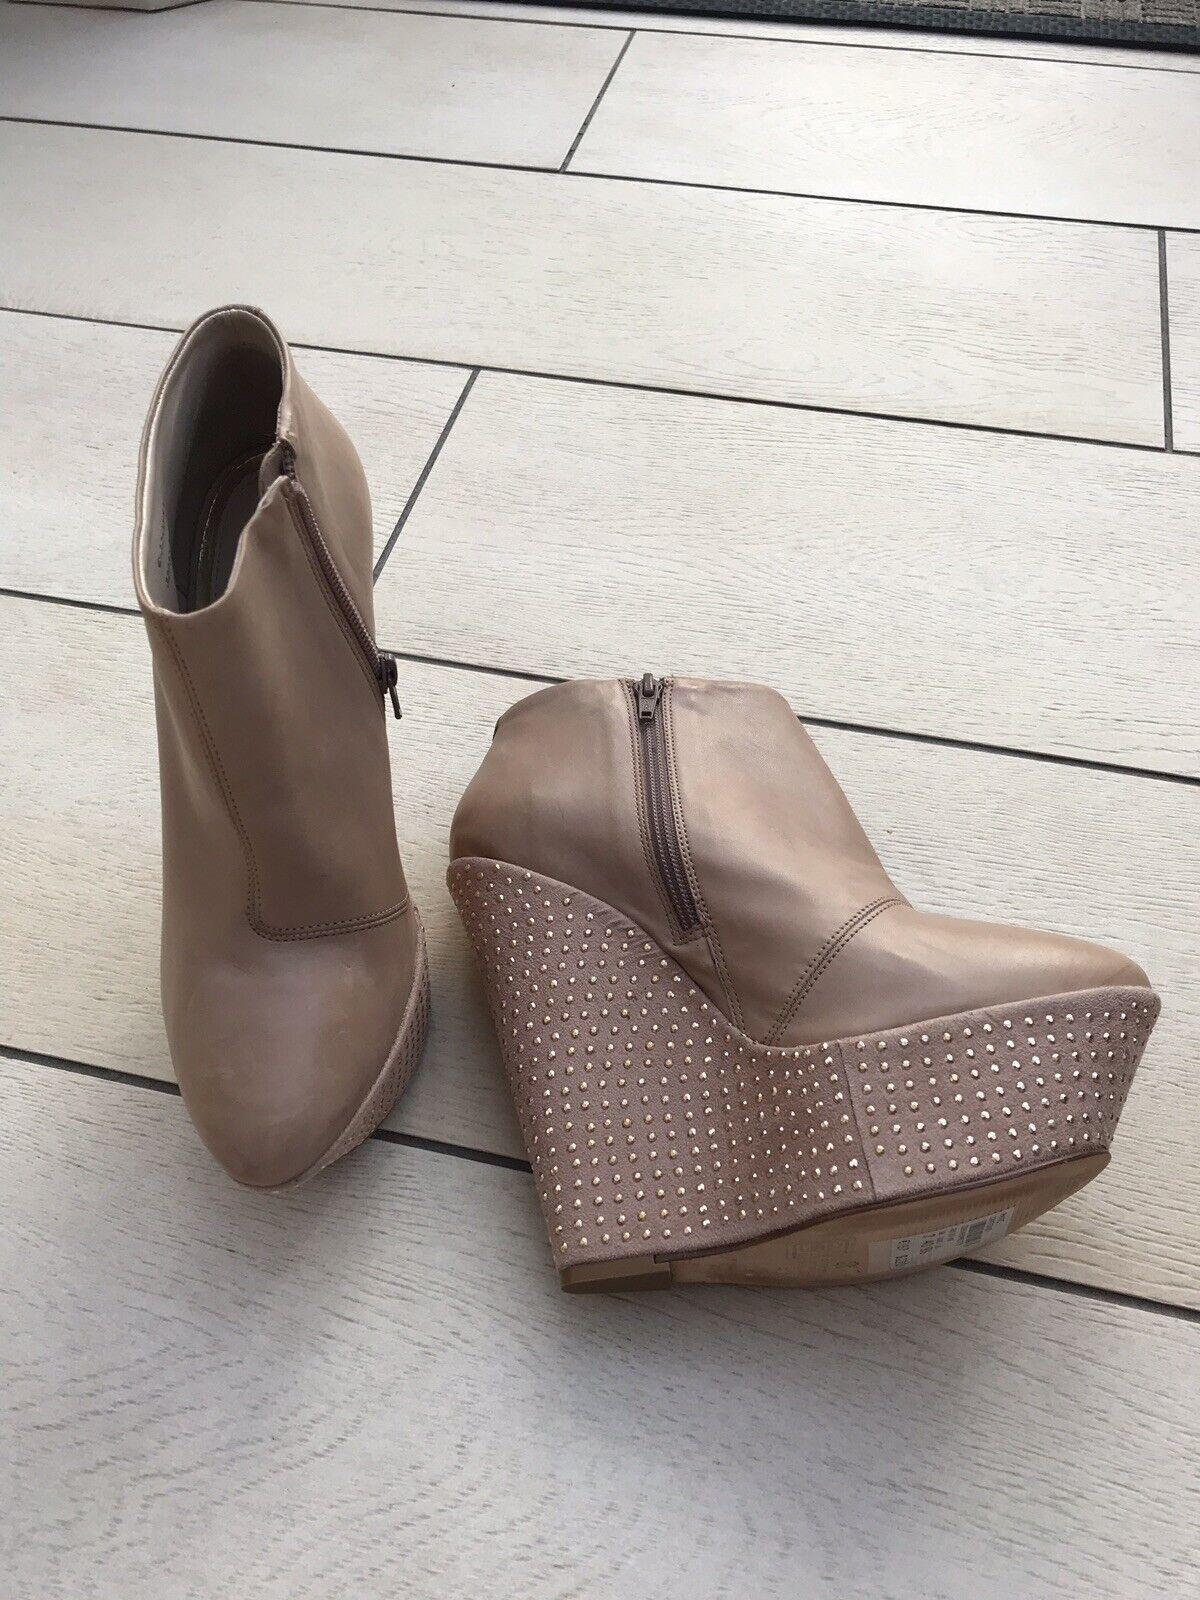 TOPSHOP PREMIUM Leather Nude Zip Up High Platform Stud Heel Ankle Boots 7